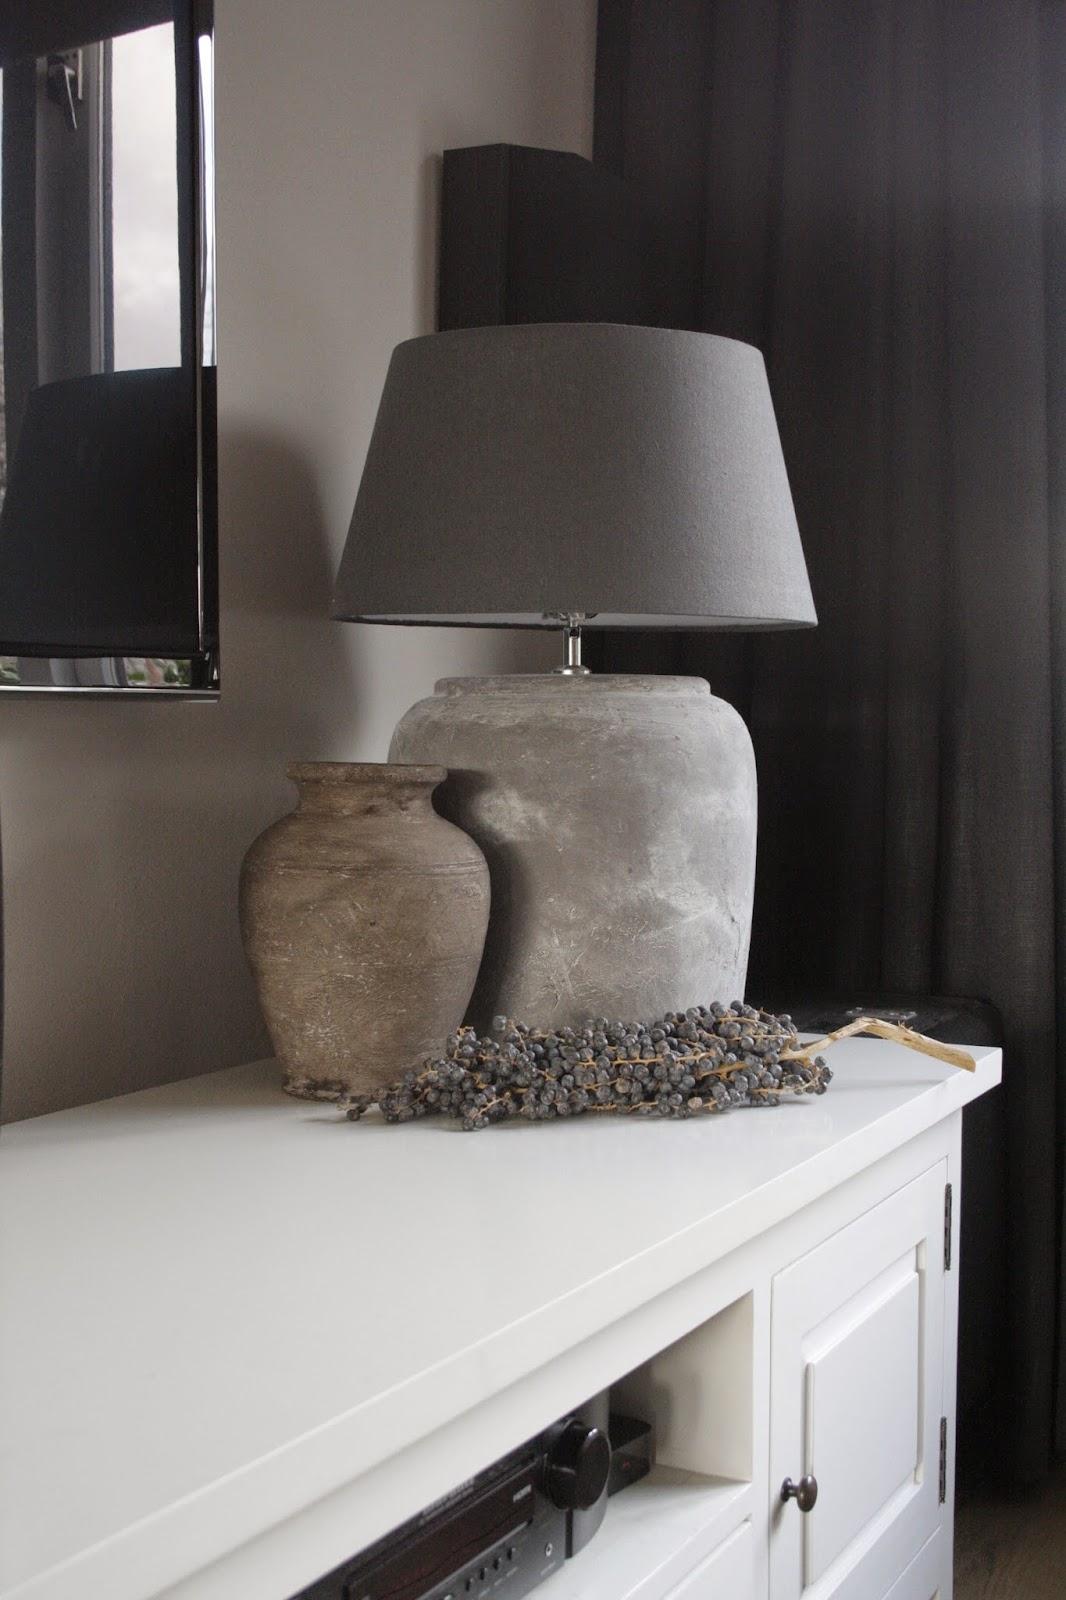 Hal lampen idee - Suspensio geen externe ikea ...